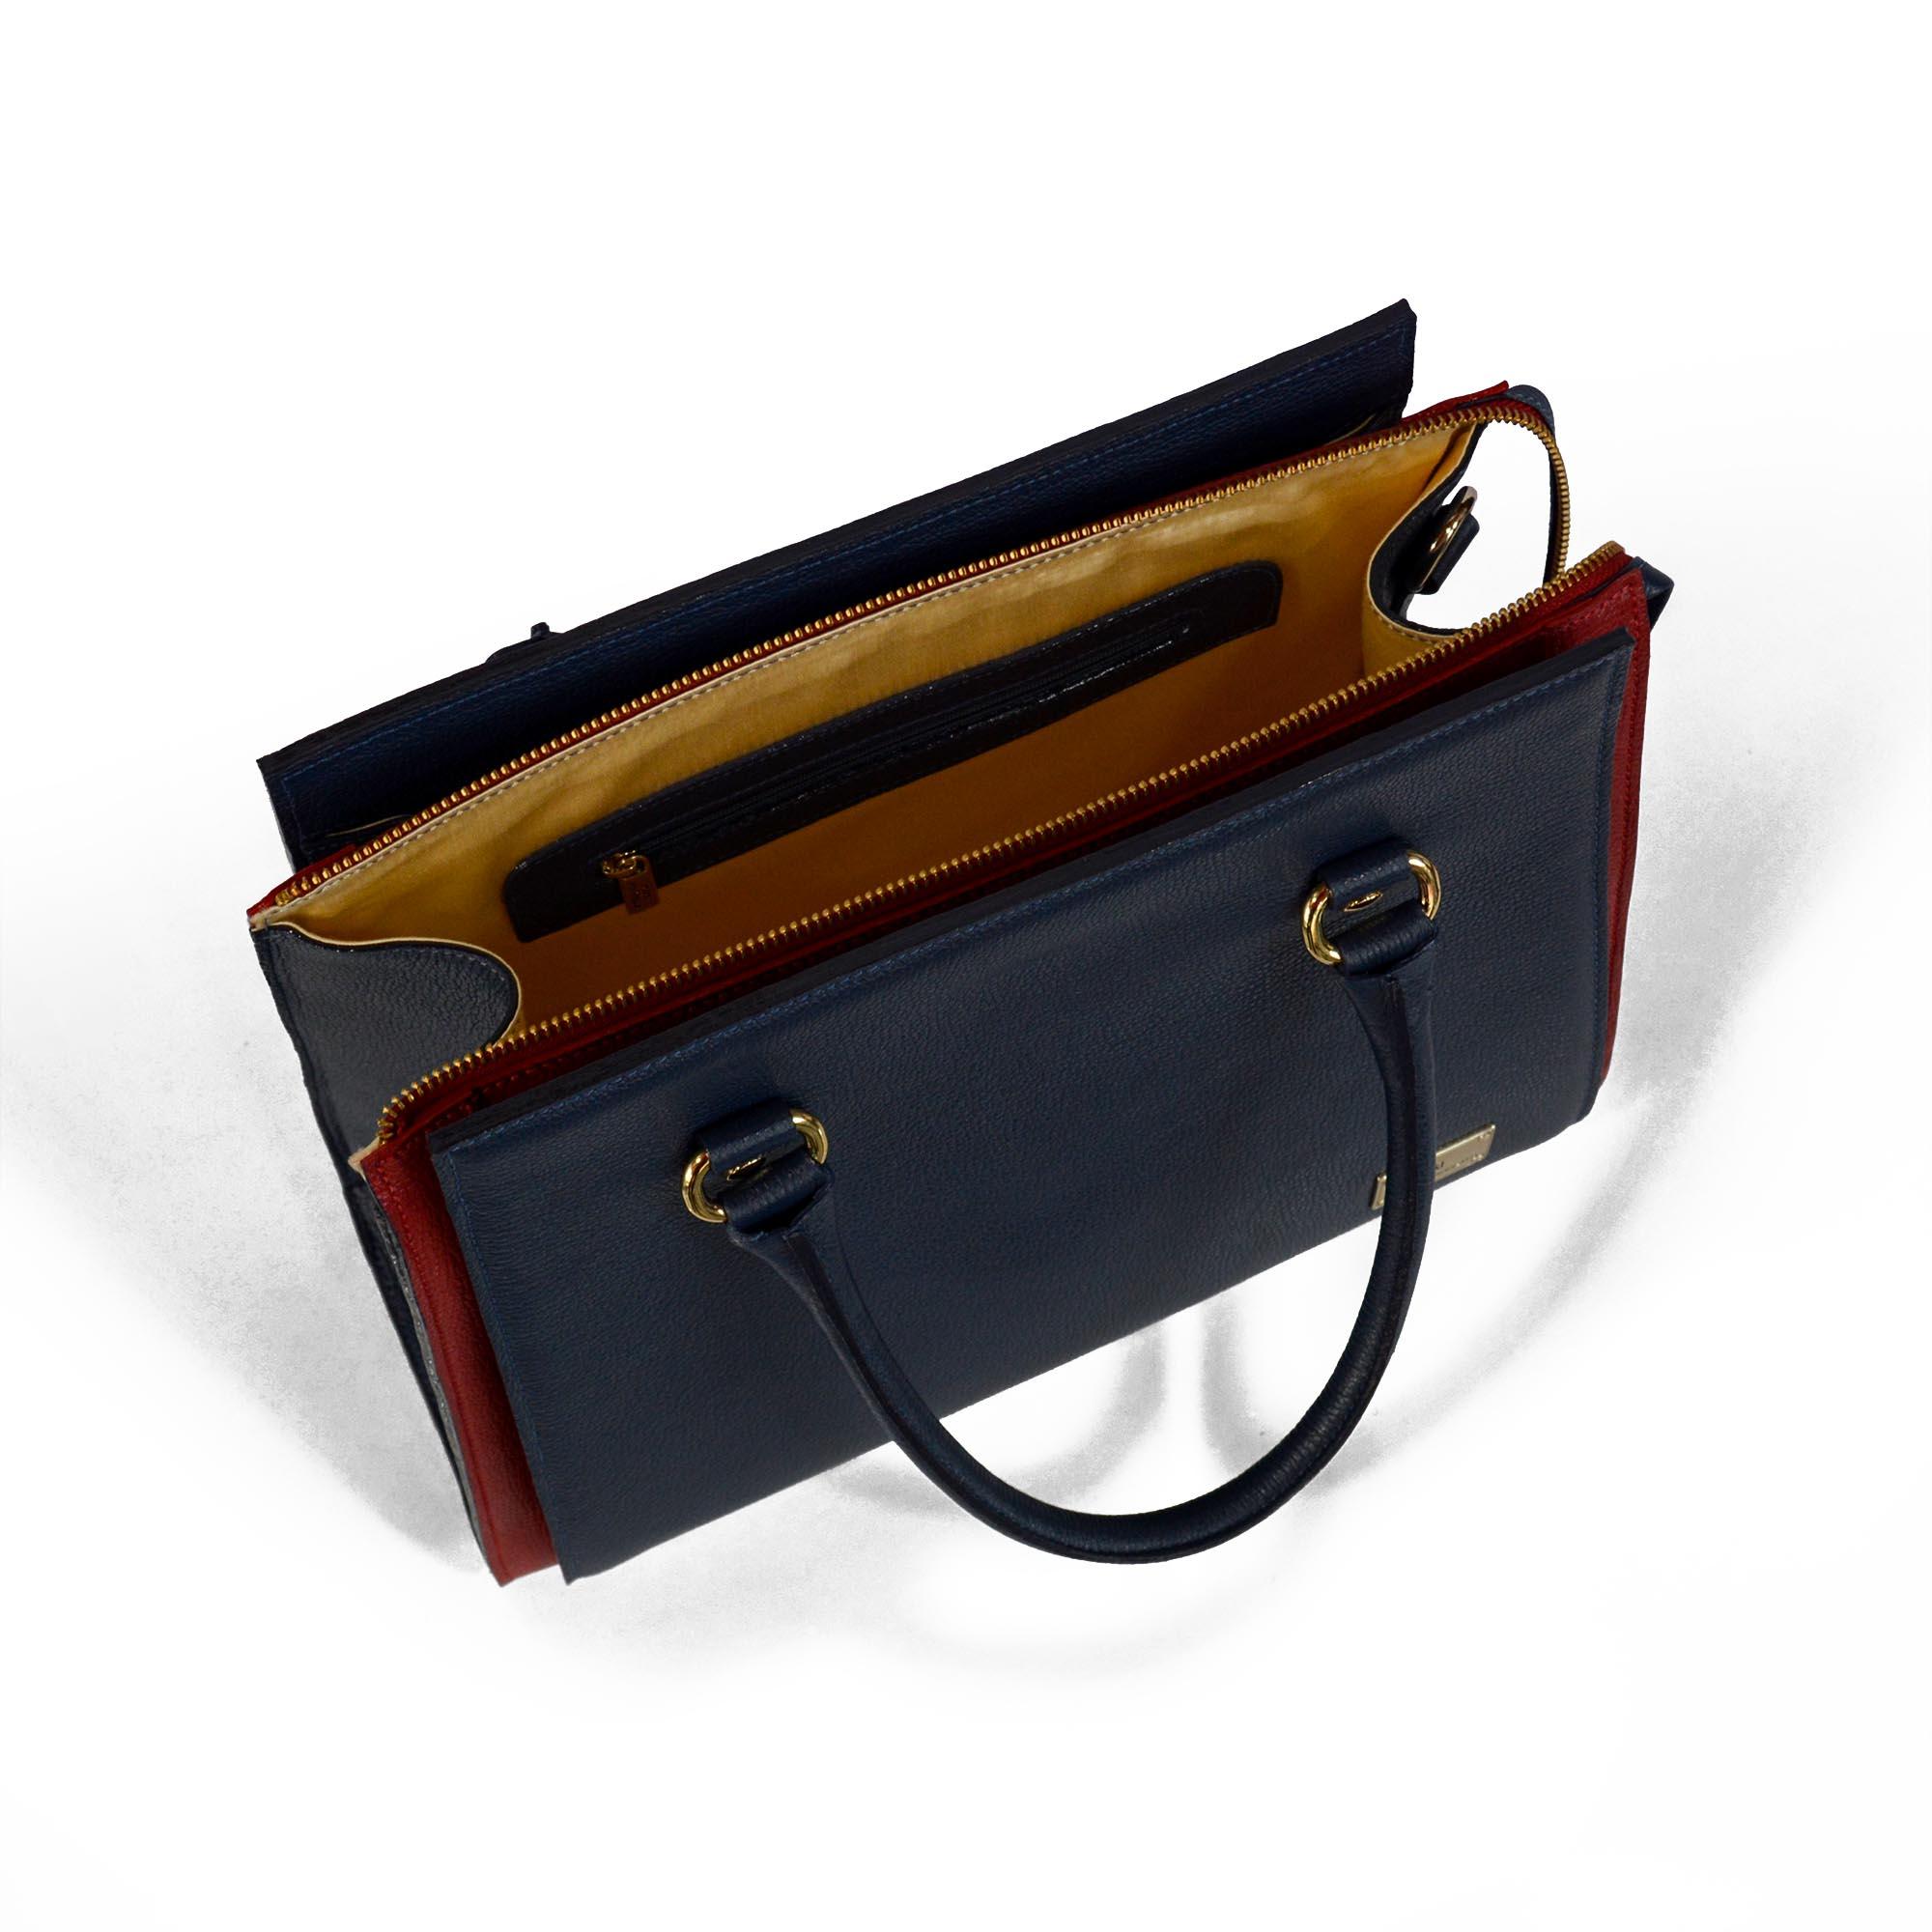 Bolsa de Mão SM 2918 - Couro